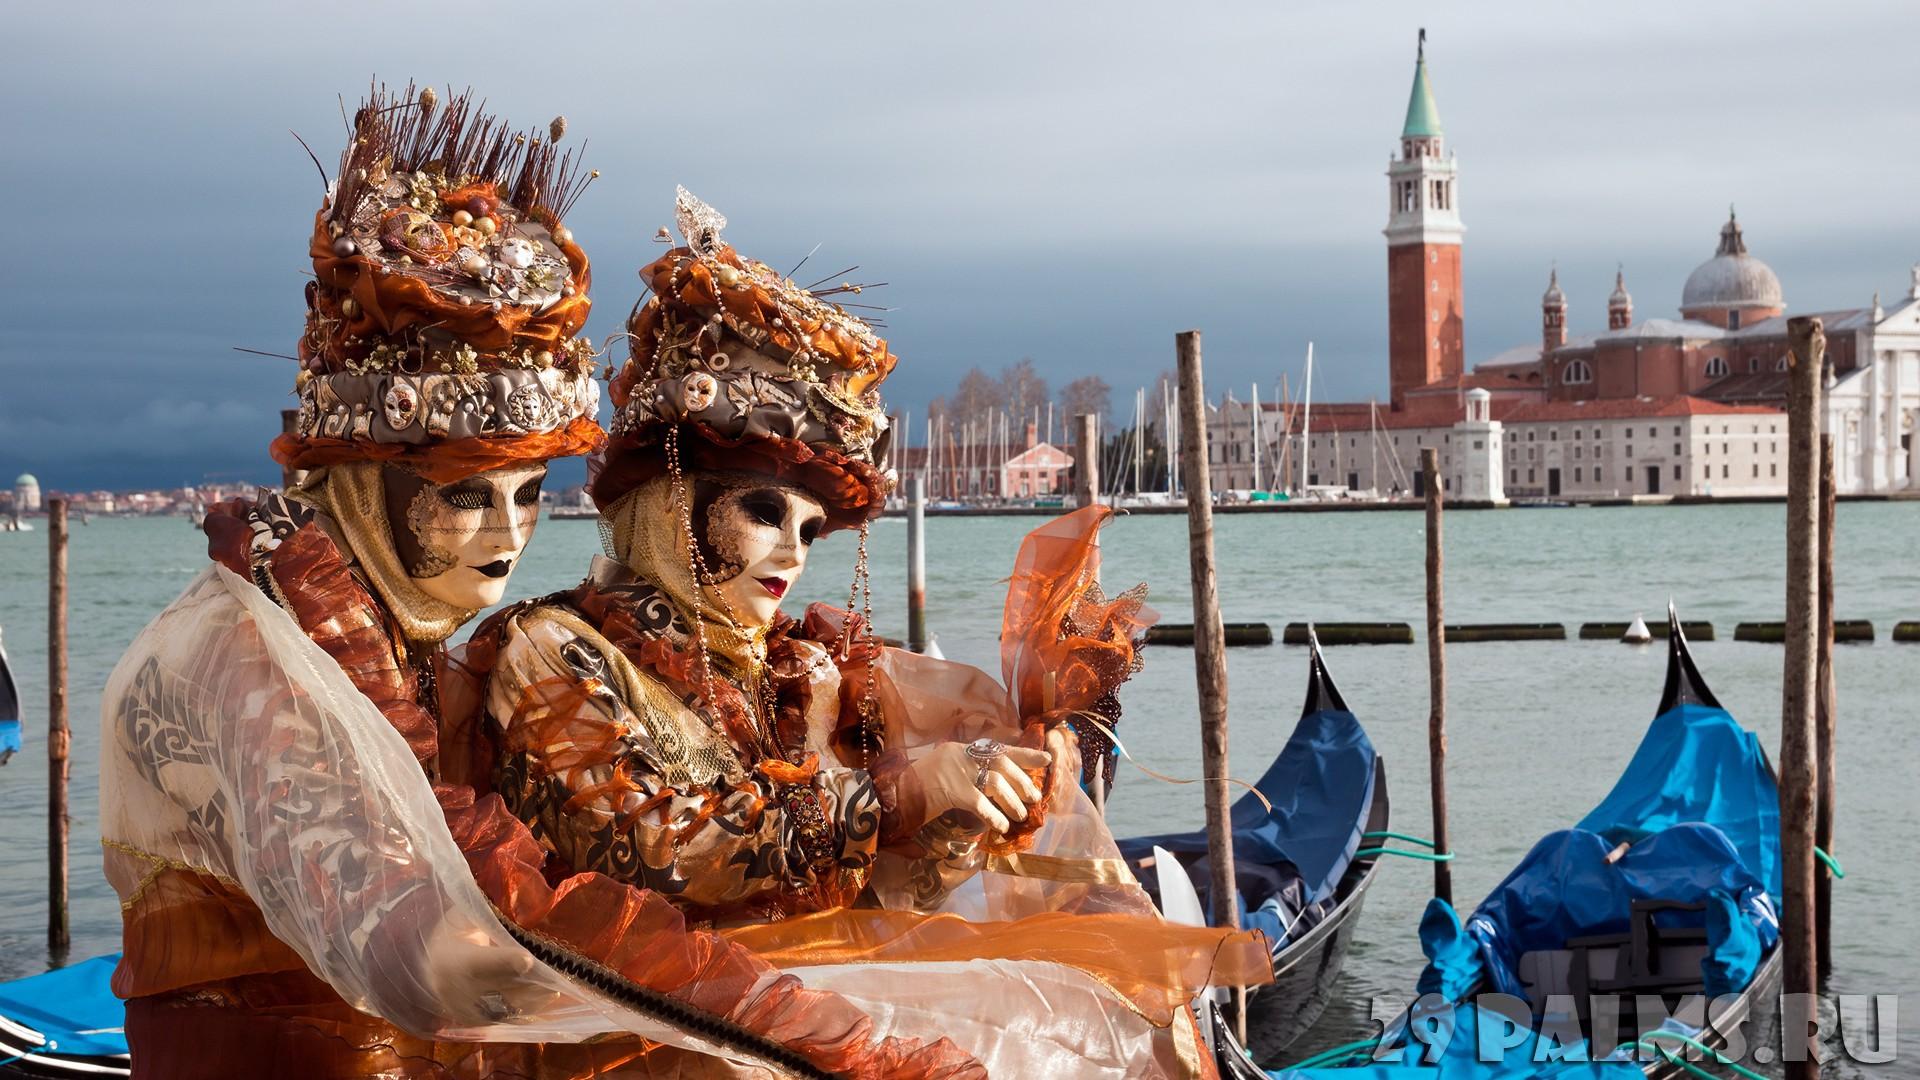 Карнавал в Венеции > Блог Павла Аксенова > 29 Пальм - Клуб ...: http://29palms.ru/index.php?link=blog&action=showblog&blog=5531